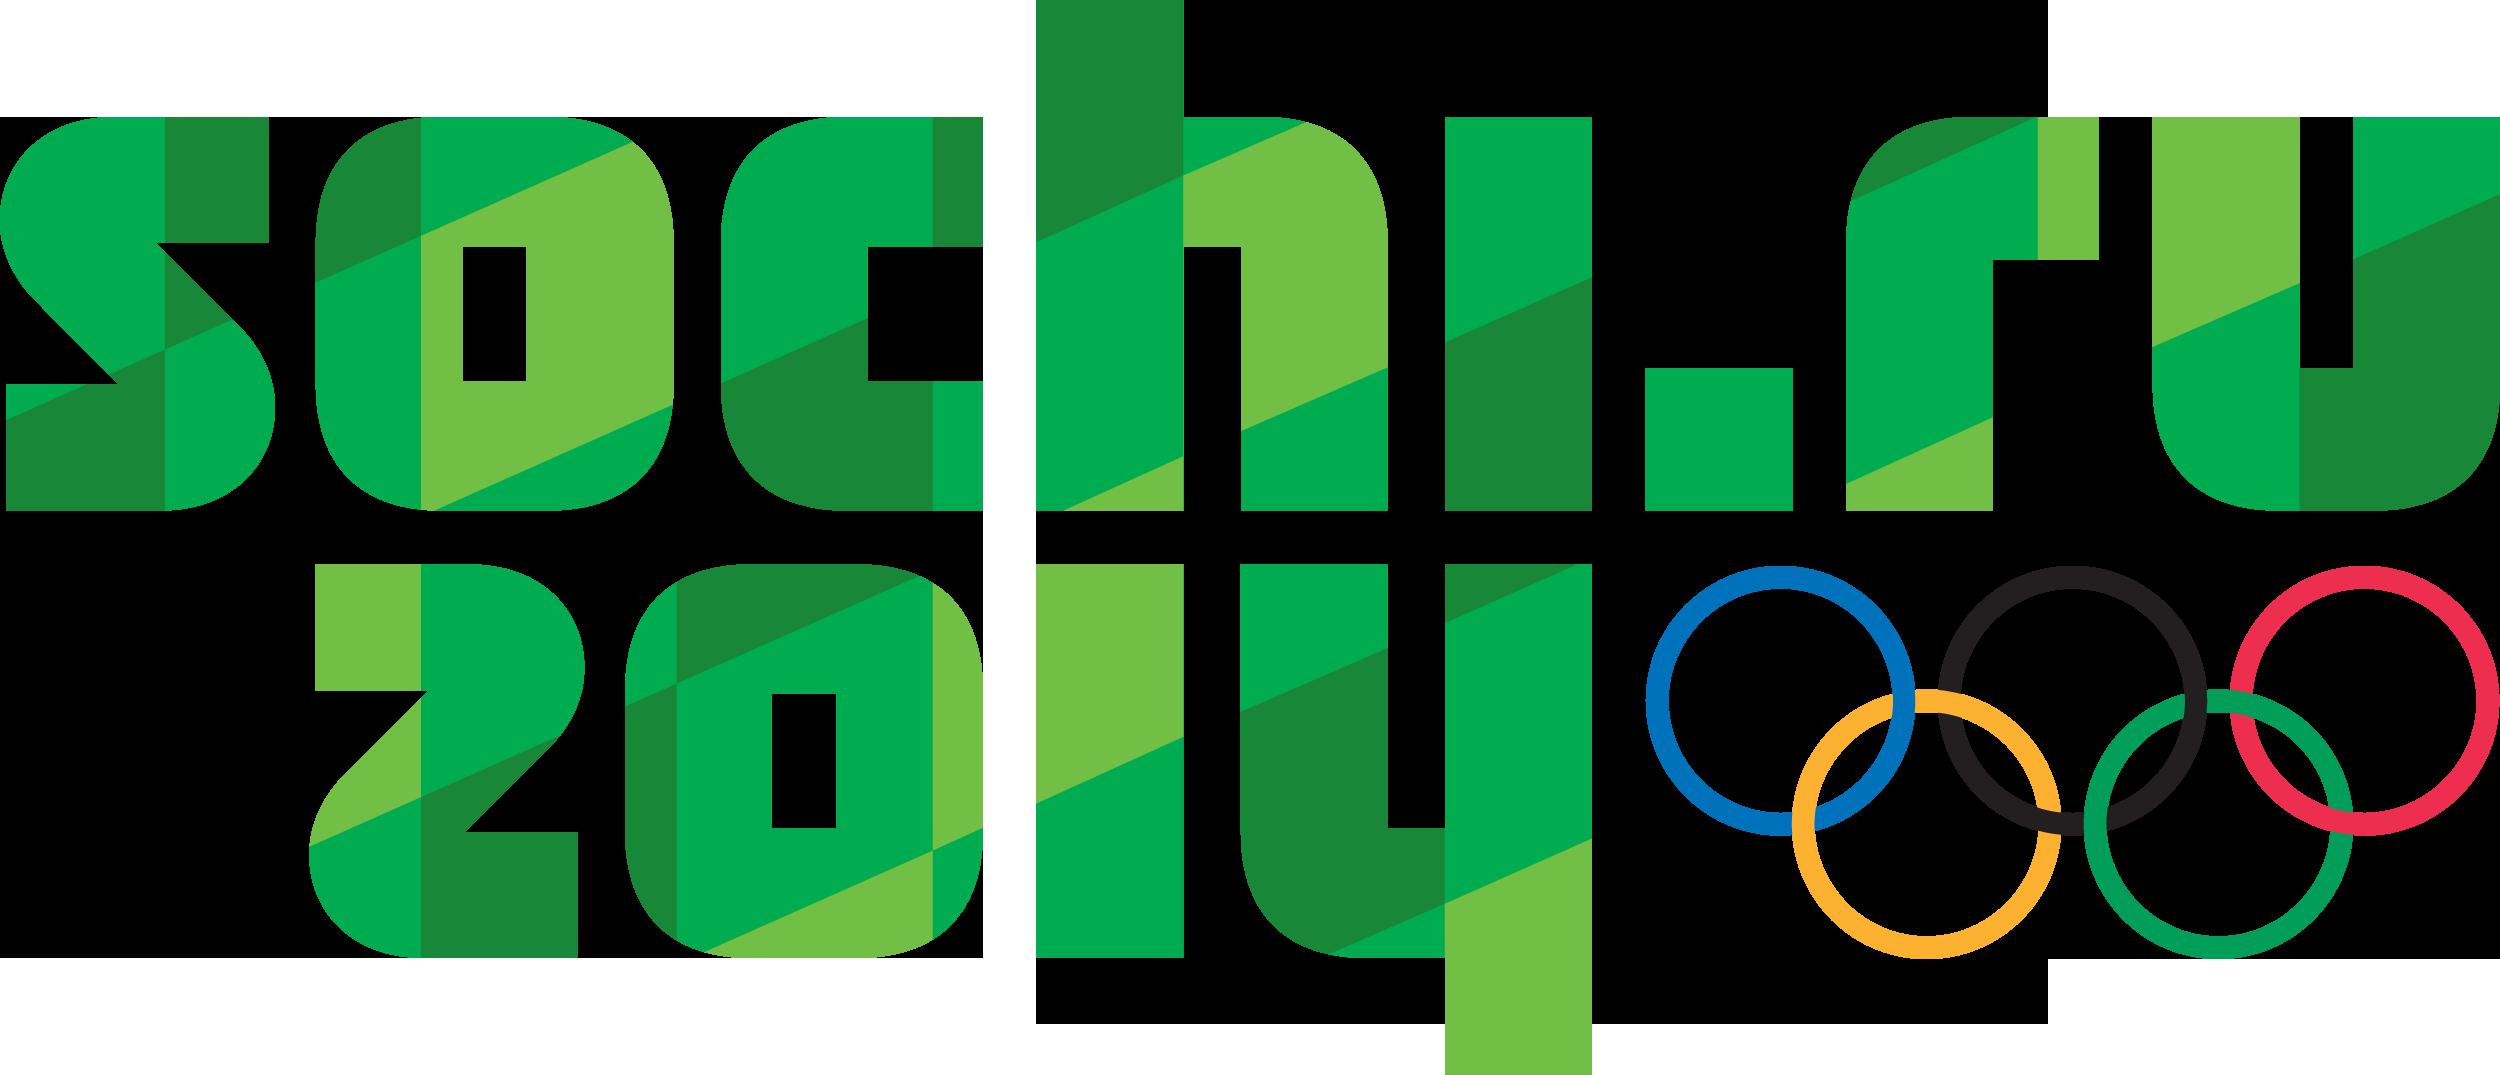 Зеленый (экологичный) векторный логотип (эмблема) олимпиады в Сочи 2014